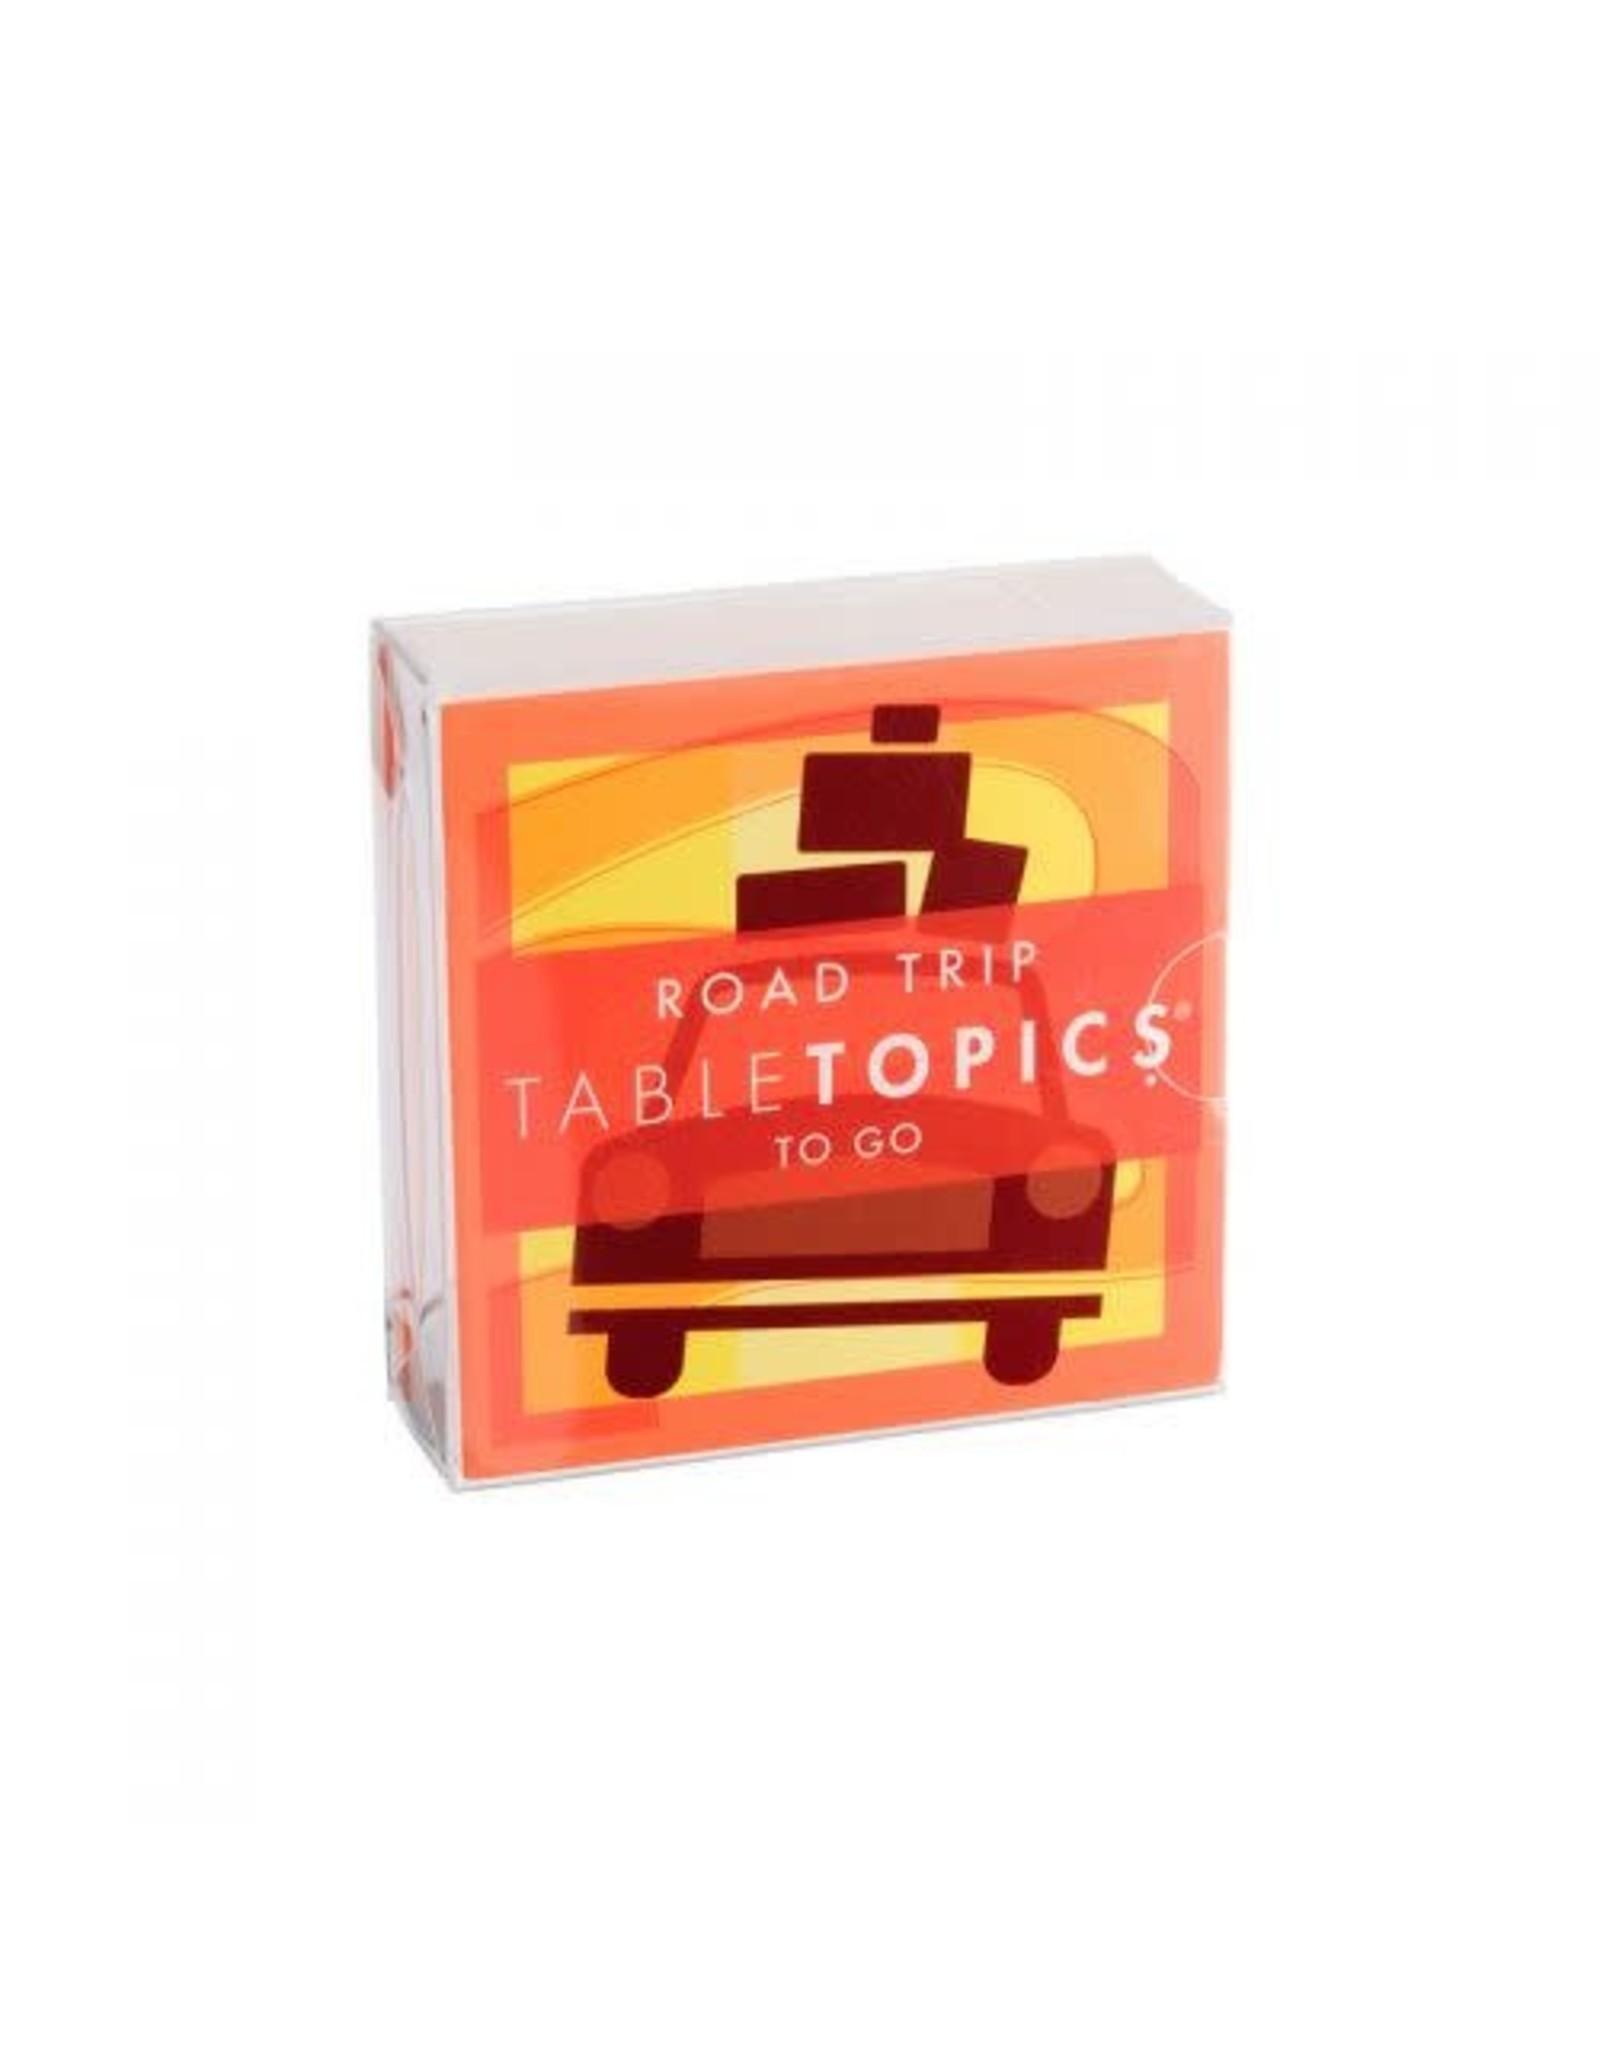 Tabletopics ROAD TRIP TABLE TOPICS